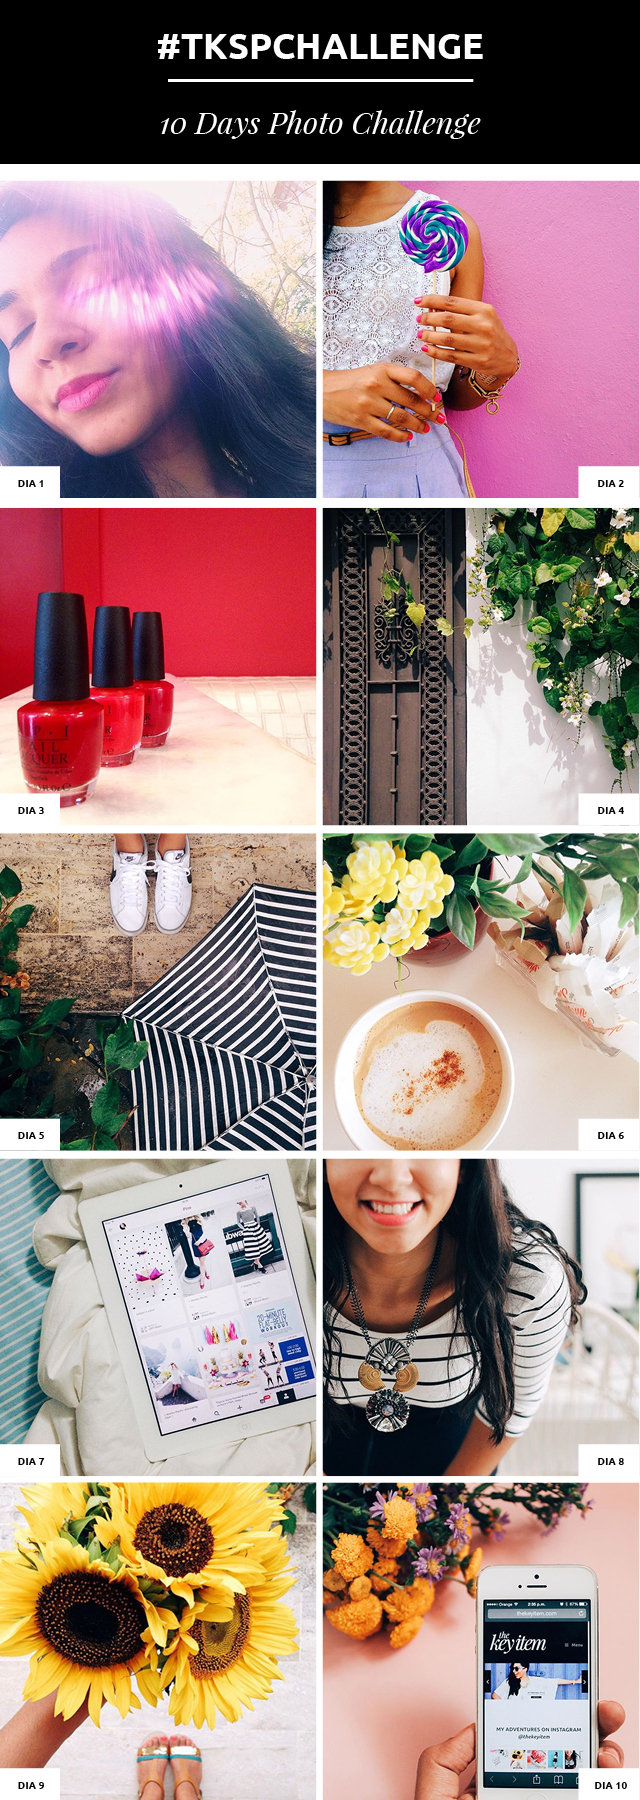 Resultados Del Reto Fotográfico + Porque Vale La Pena Intentarlo // Un reto fotográfico que es la mejor manera de impulsar su creatividad, estas son algunas de las razones por las que debes probarlo!